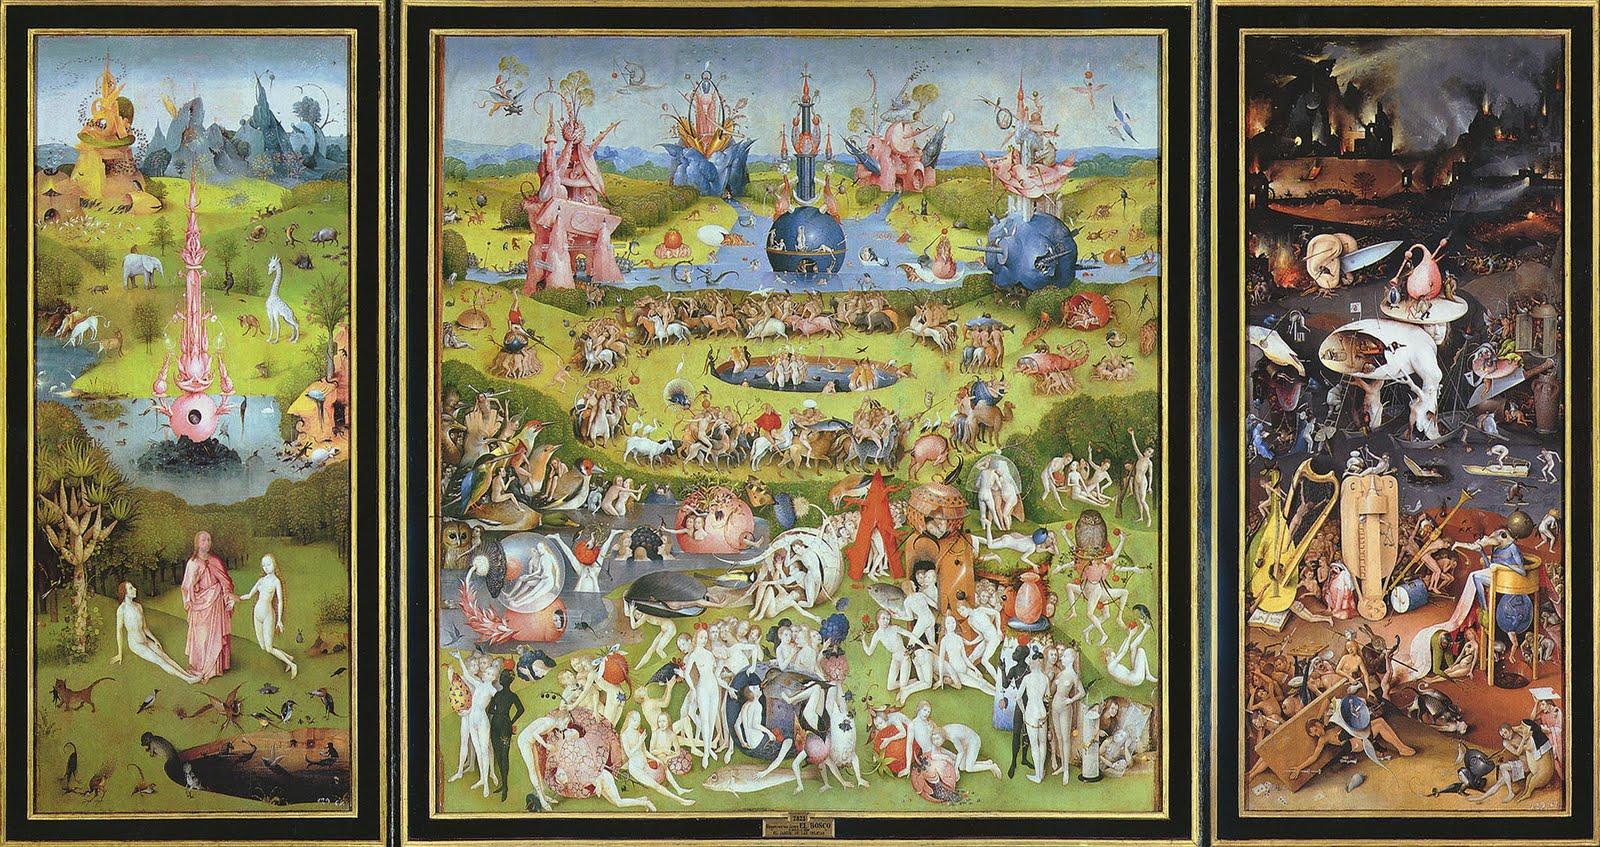 Espacio ch jov borges y el unicornio - Jardin infierno ...